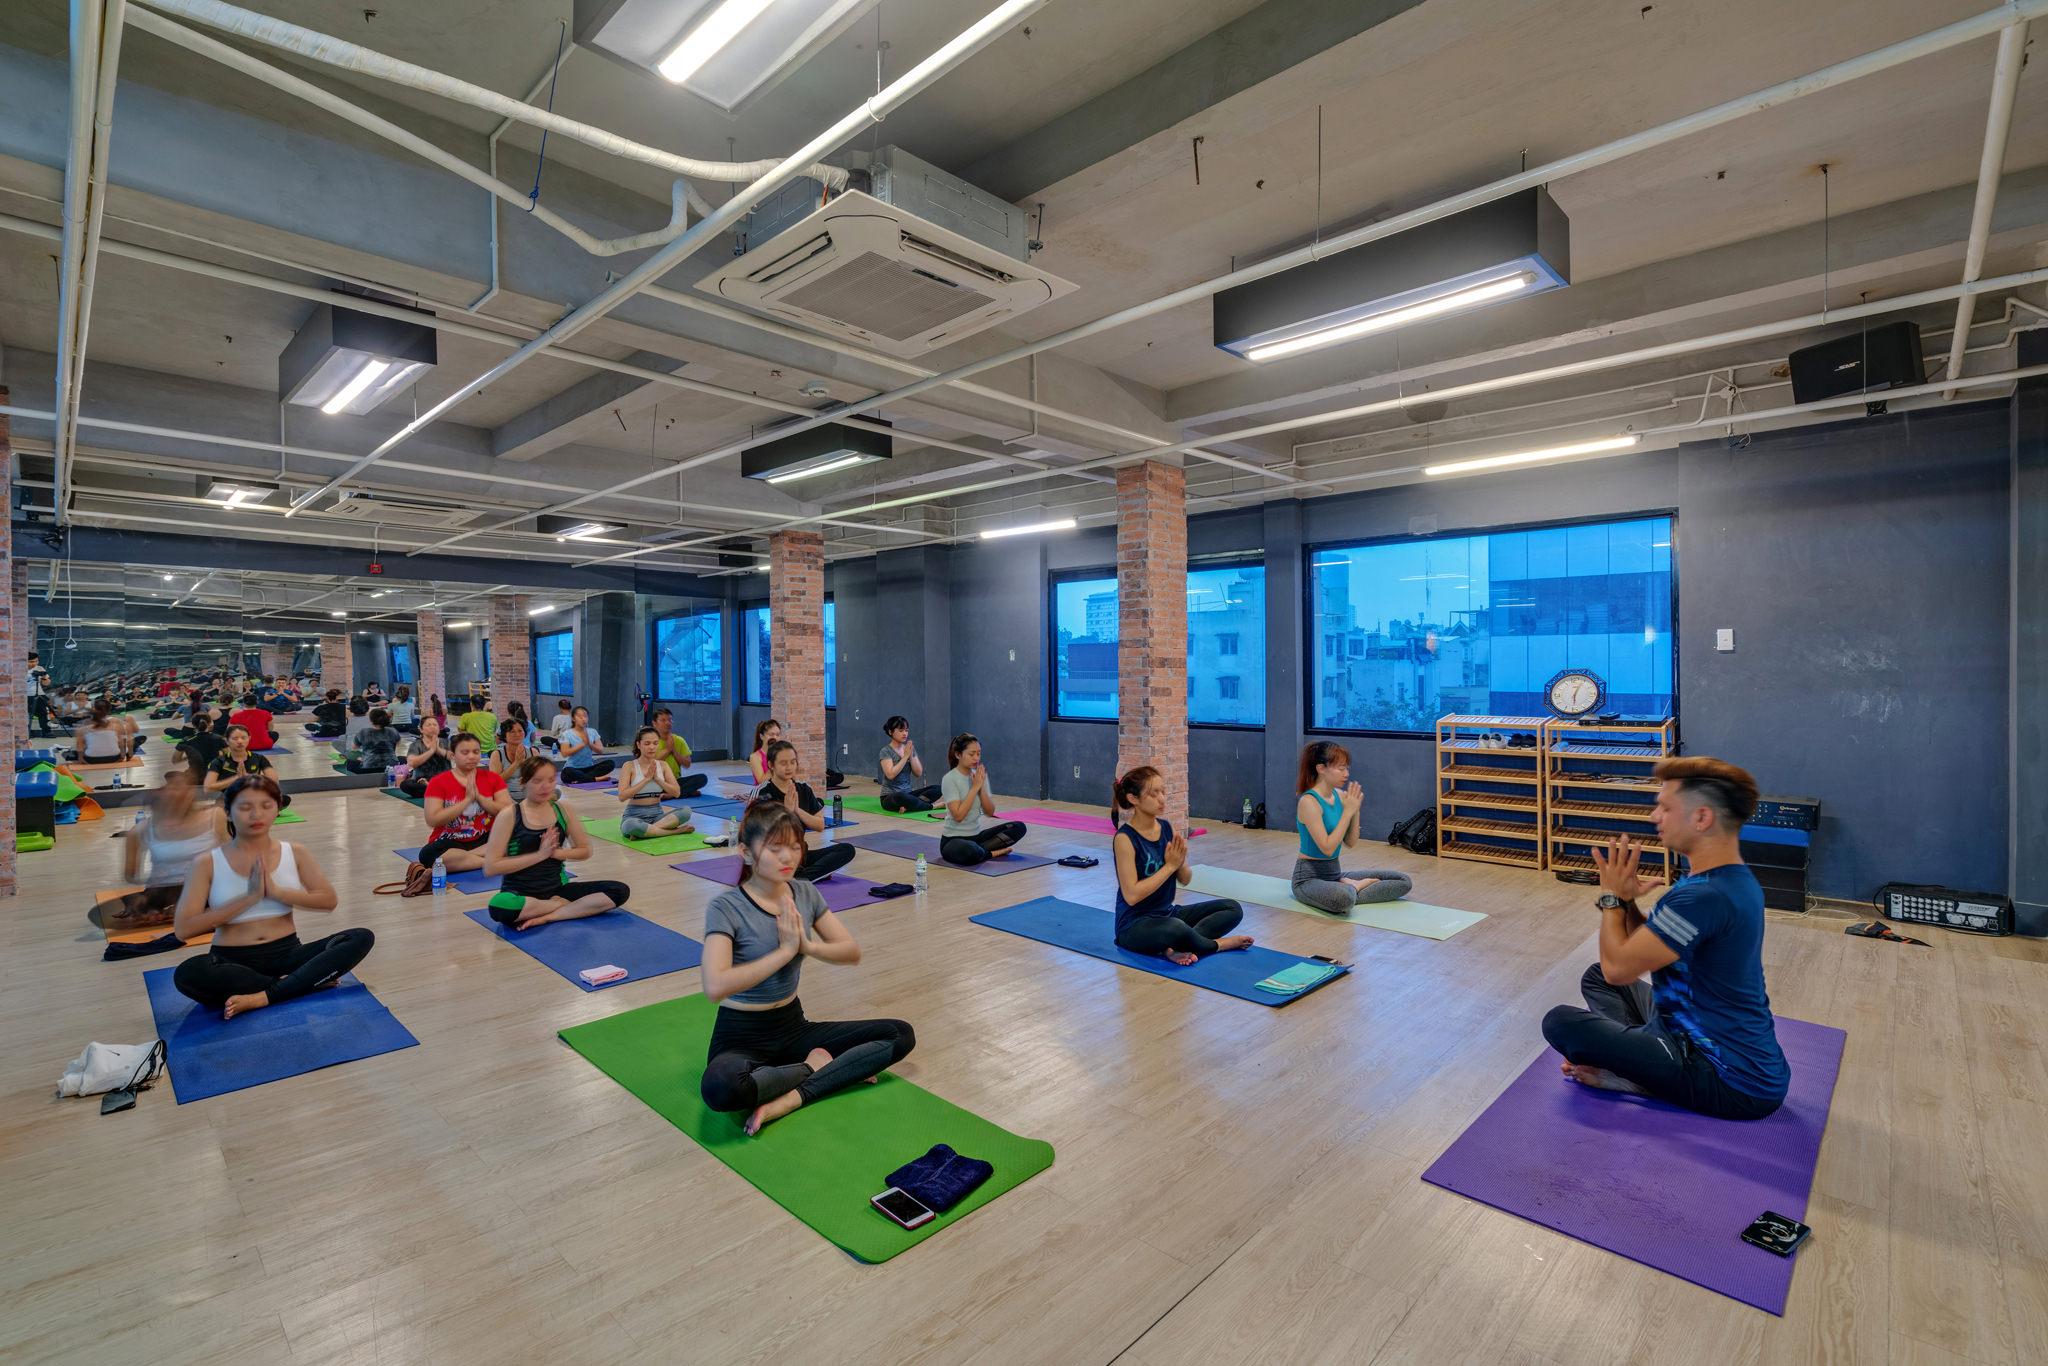 20180504 - Fox fitness - Interior - 30.jpg